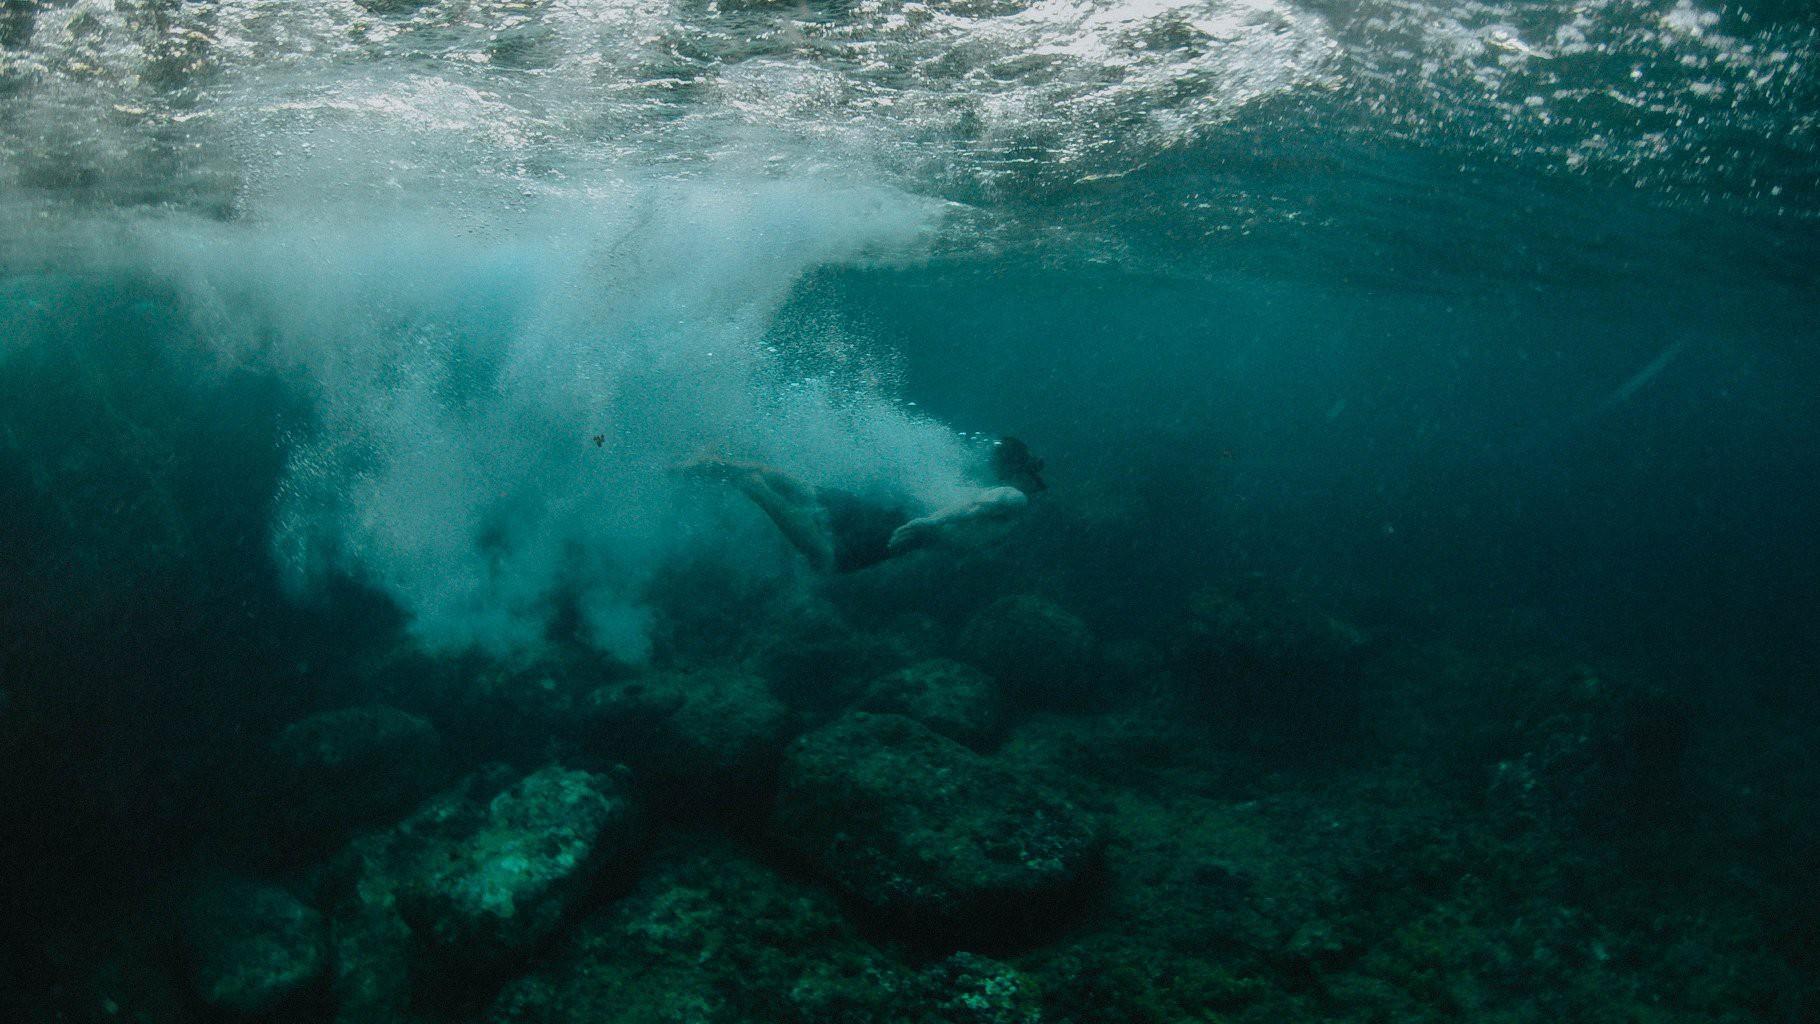 Cứ tưởng chụp ở nước ngoài, ai ngờ vùng biển trong vắt này lại nằm ngay ở Việt Nam mà lại còn rất dễ đi! - Ảnh 4.